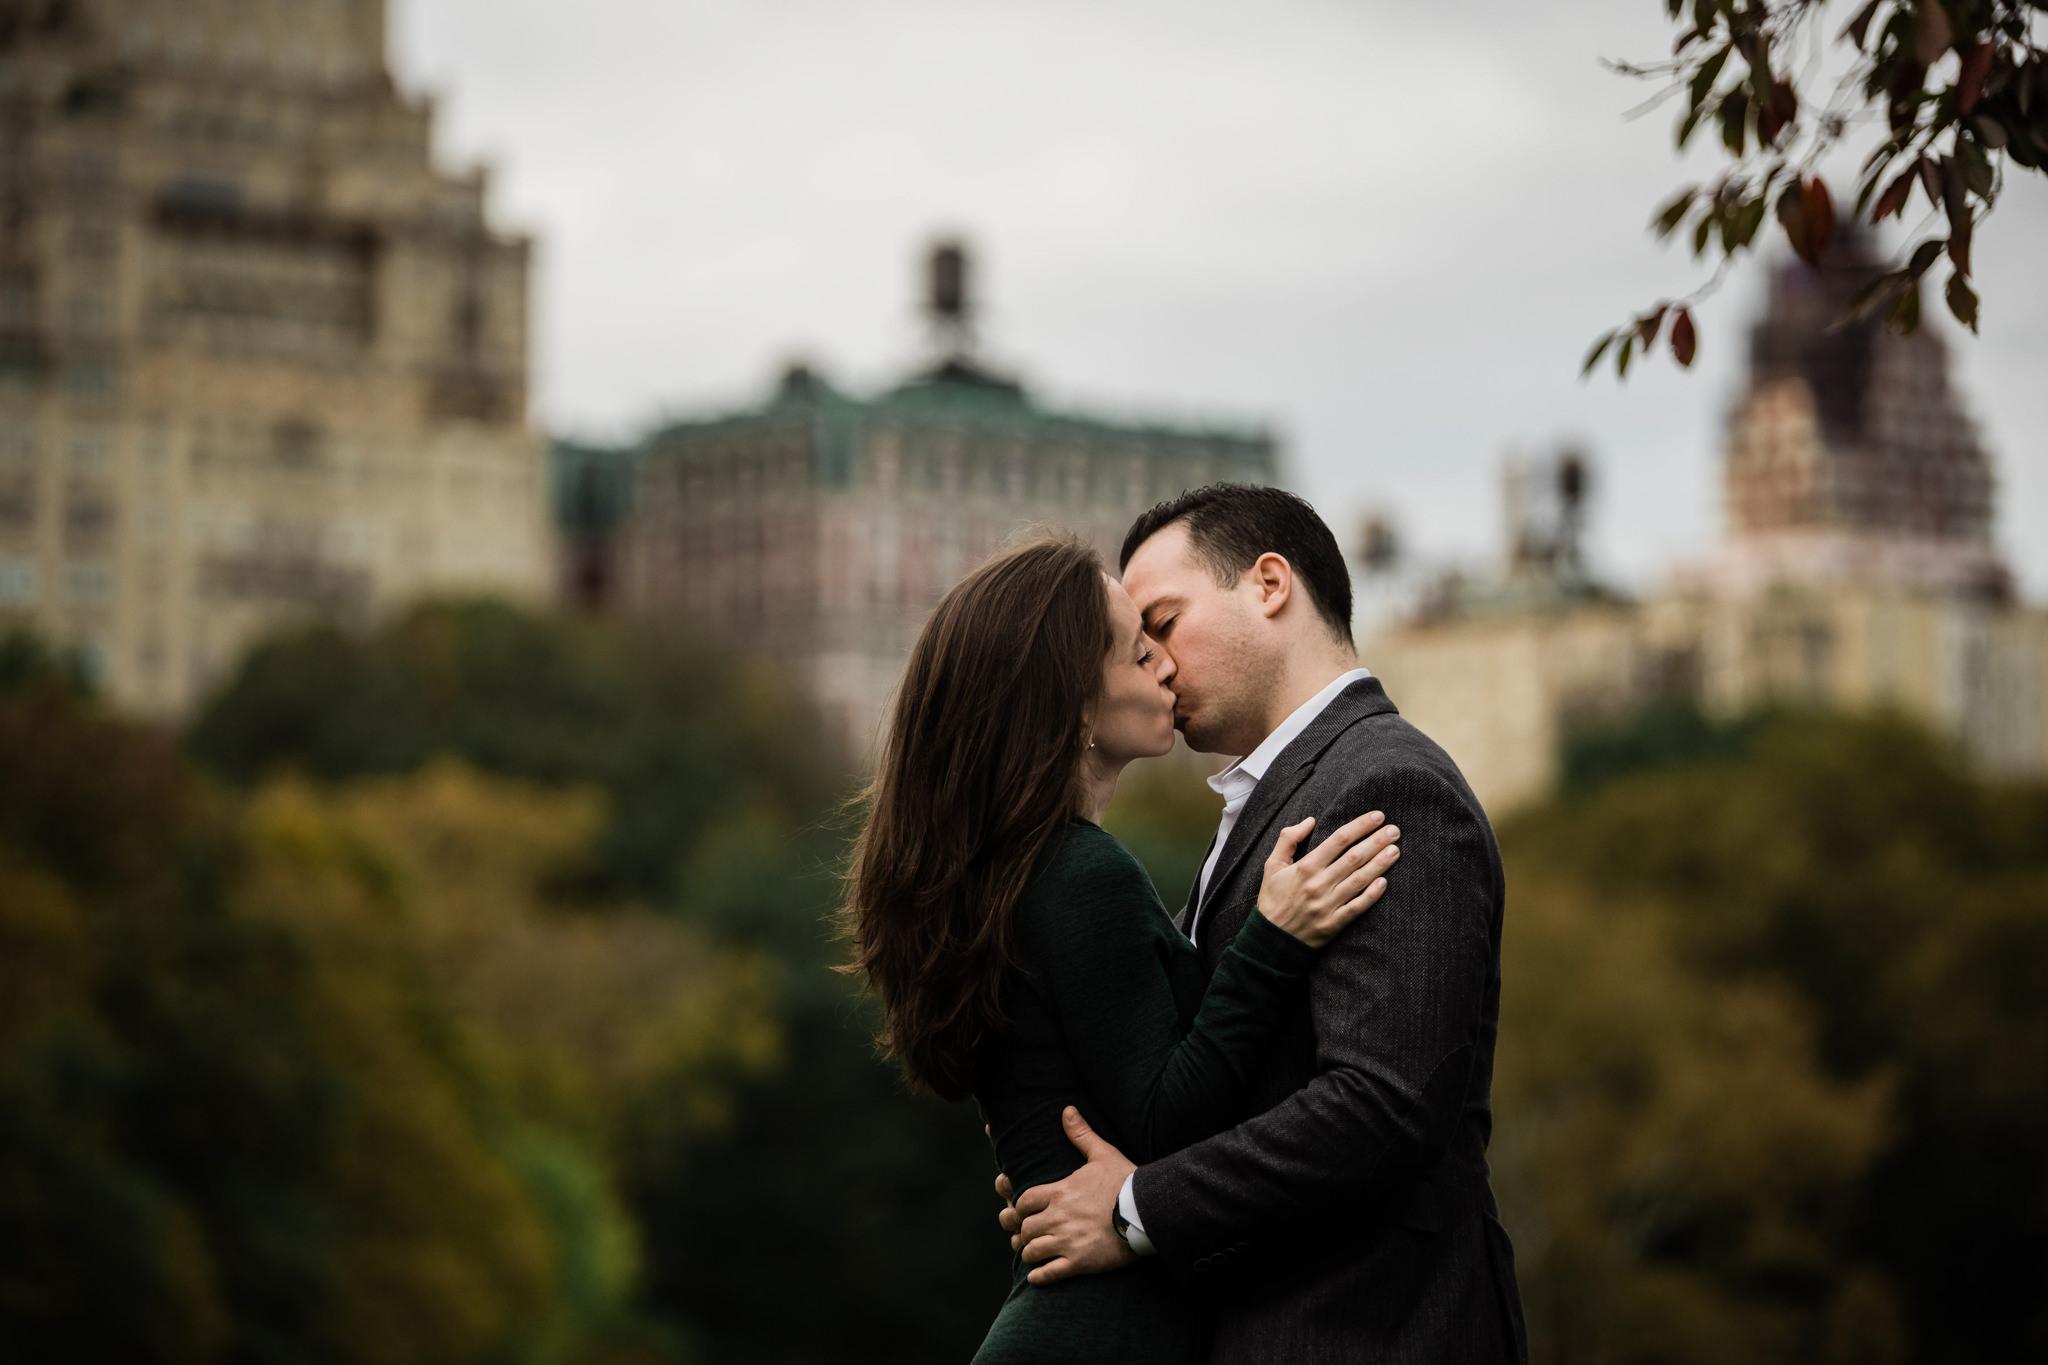 NEW_JERSEY_WEDDING_PHOTOGRAPHER_ARMZ_Z85_0472.jpg